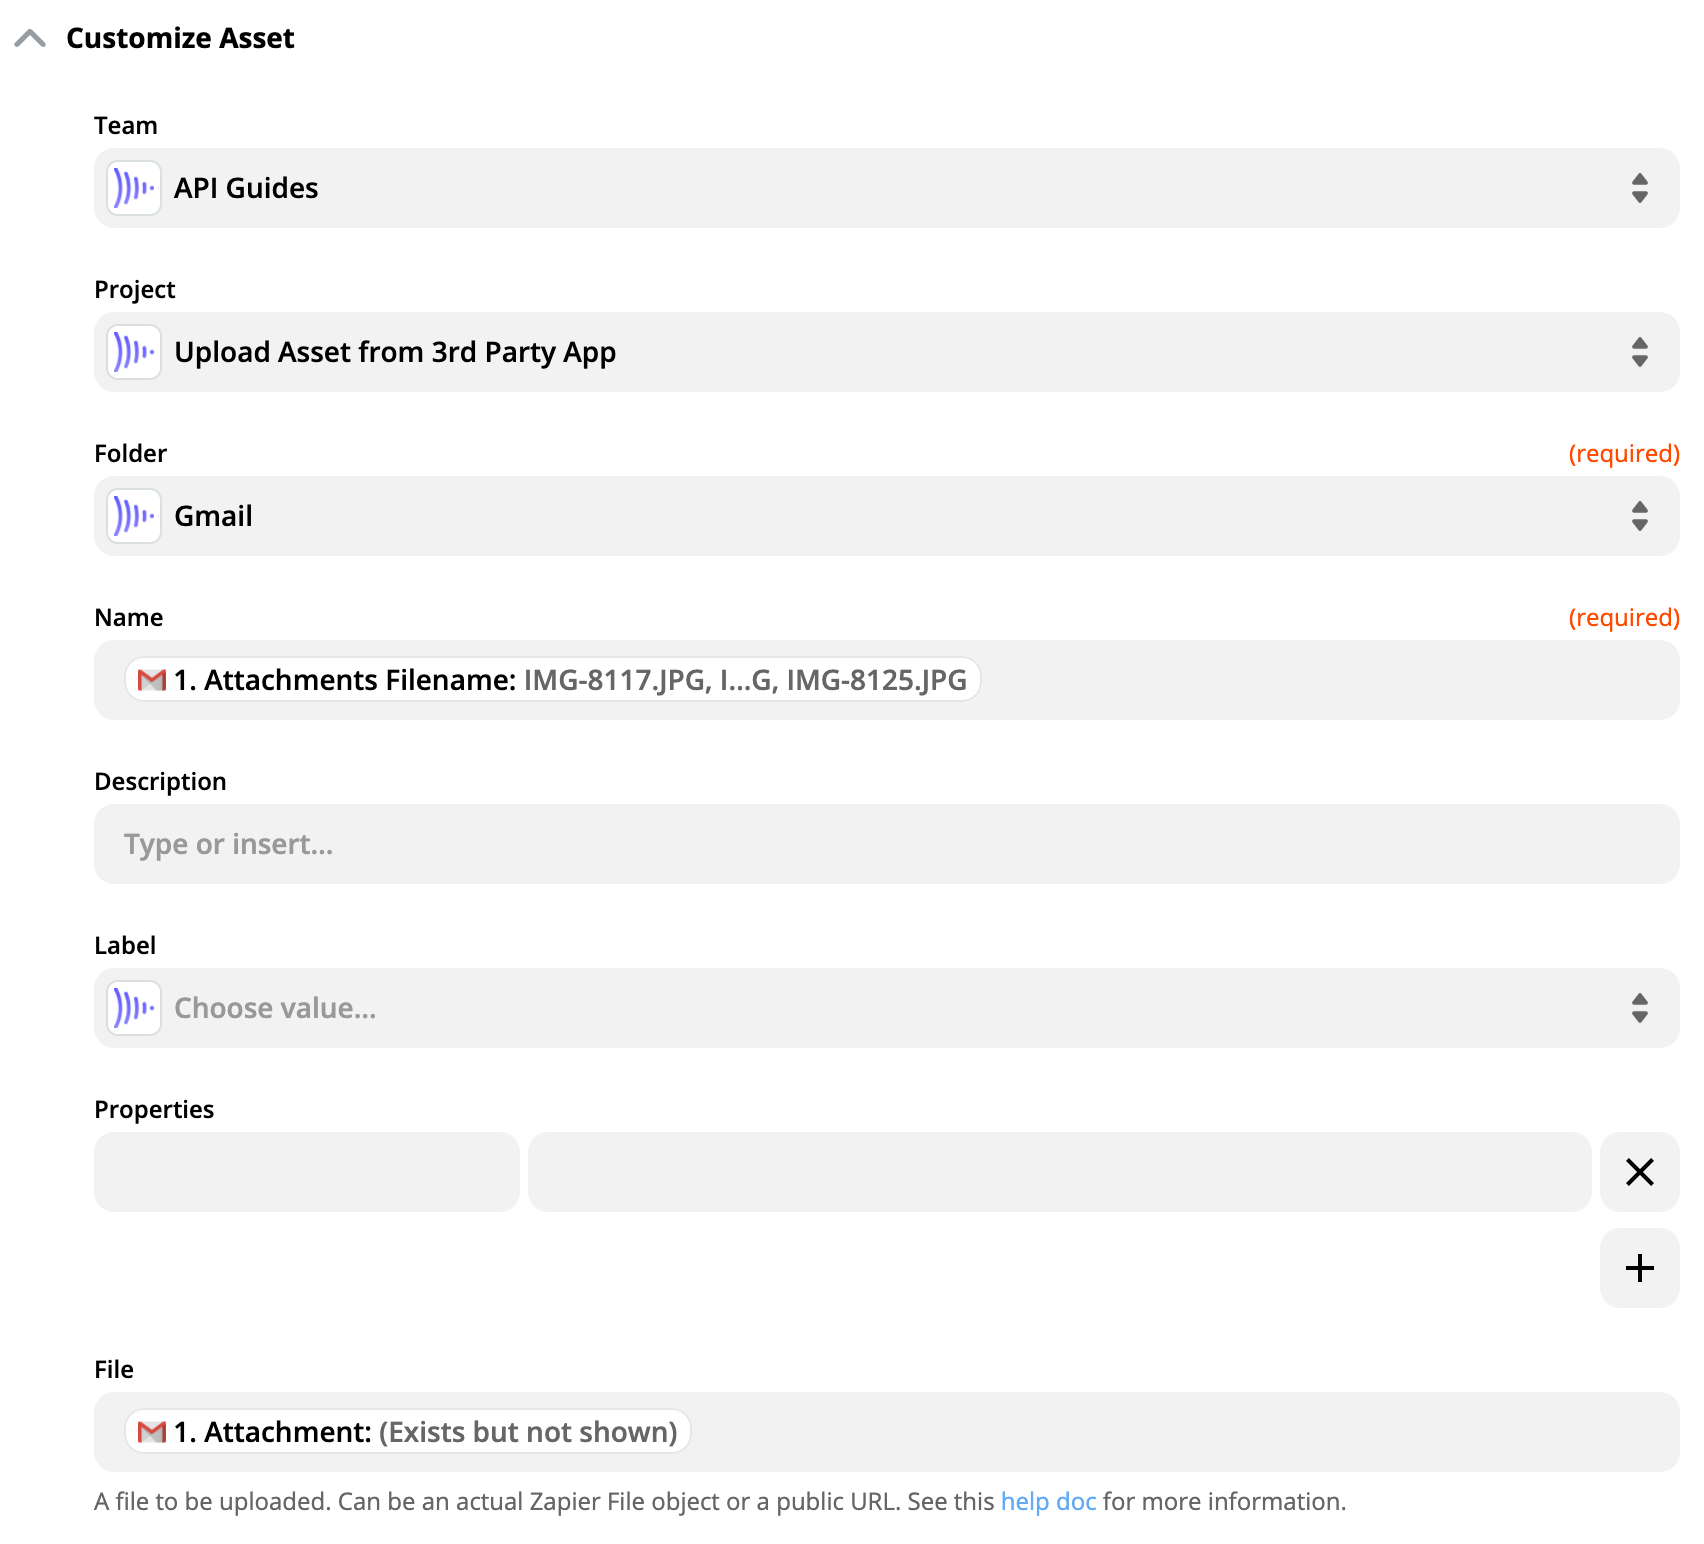 Customize Asset screenshot